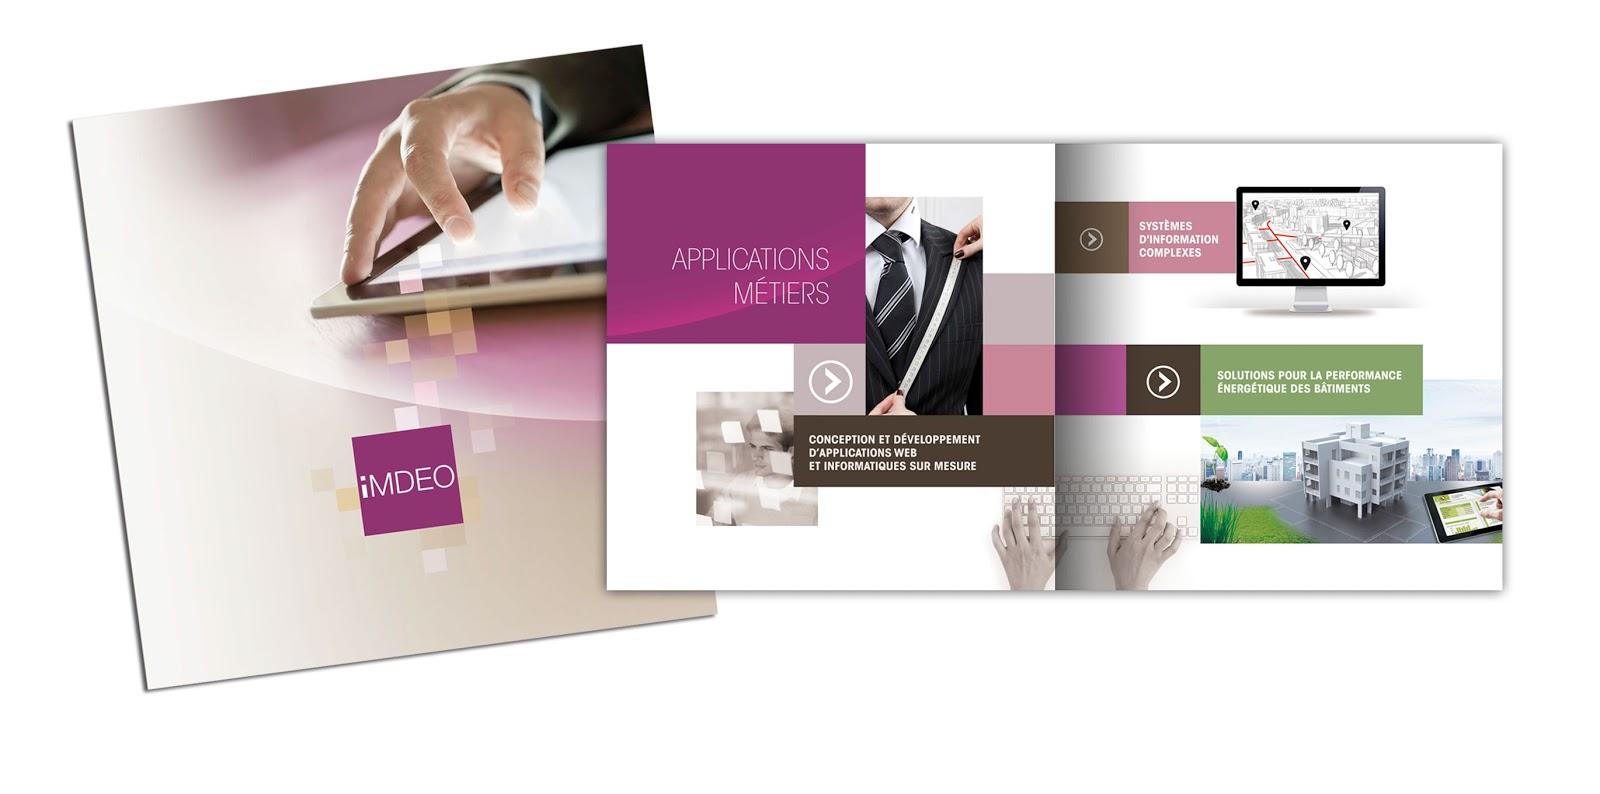 Souvent PR2I, Agence de Communication: Nouvelle plaquette commerciale  AW85